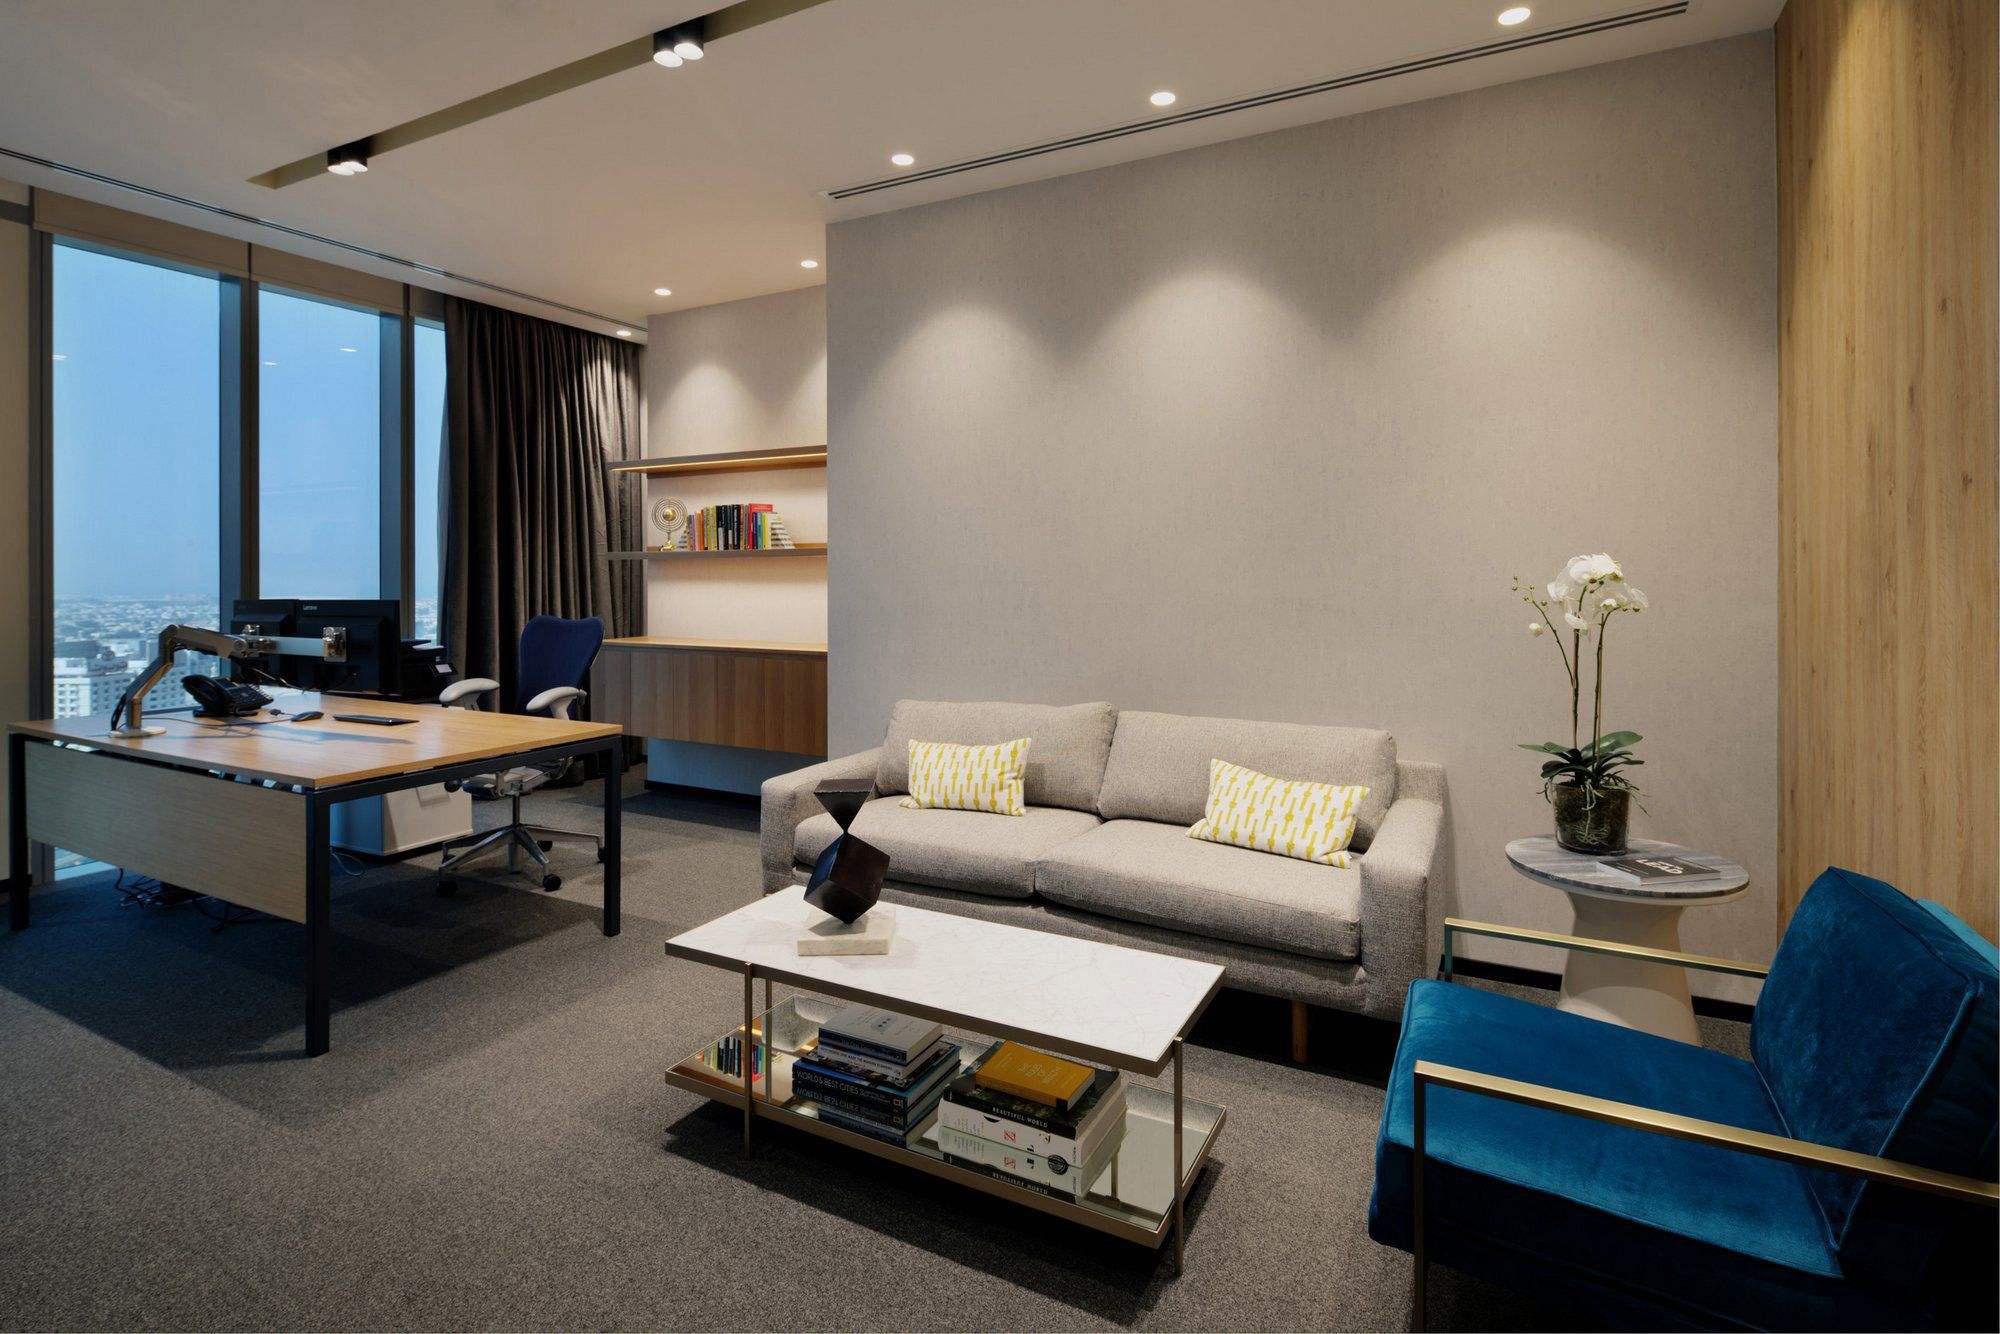 女老板的办公室装修,50平米老板办公室装修图